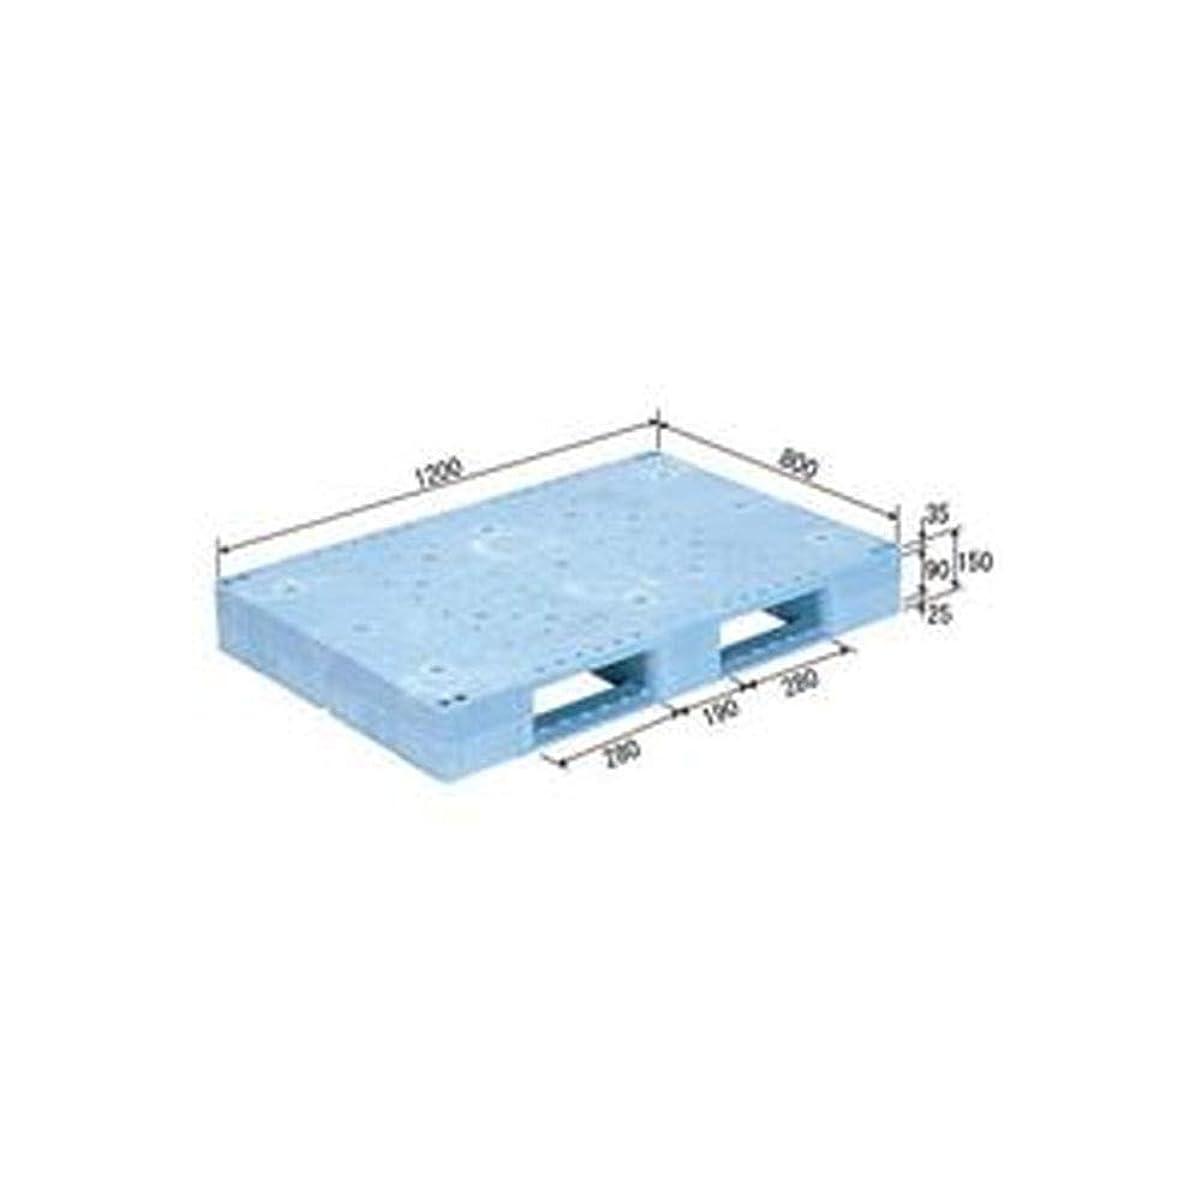 授業料担当者モスク三甲 - サンコー - / プラスチックパレット/プラパレ / - 片面使用型 - / 突起無 / D2-812F / ライトブルー - 青 - - -